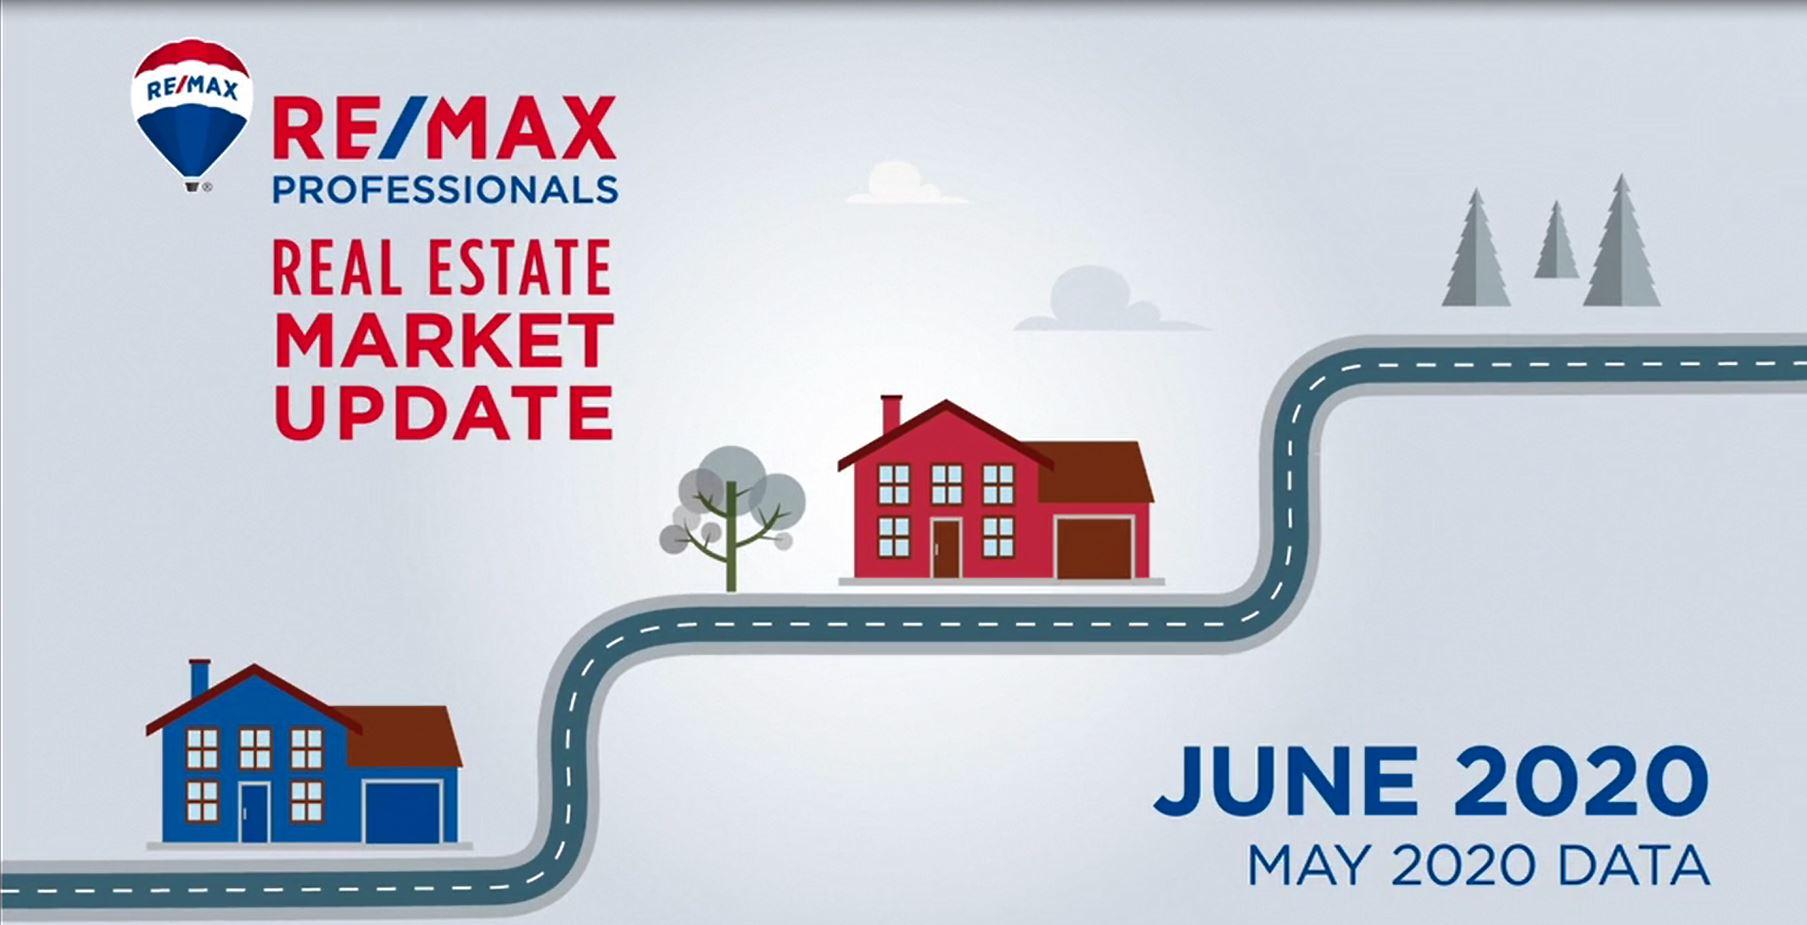 June 2020 Market Update